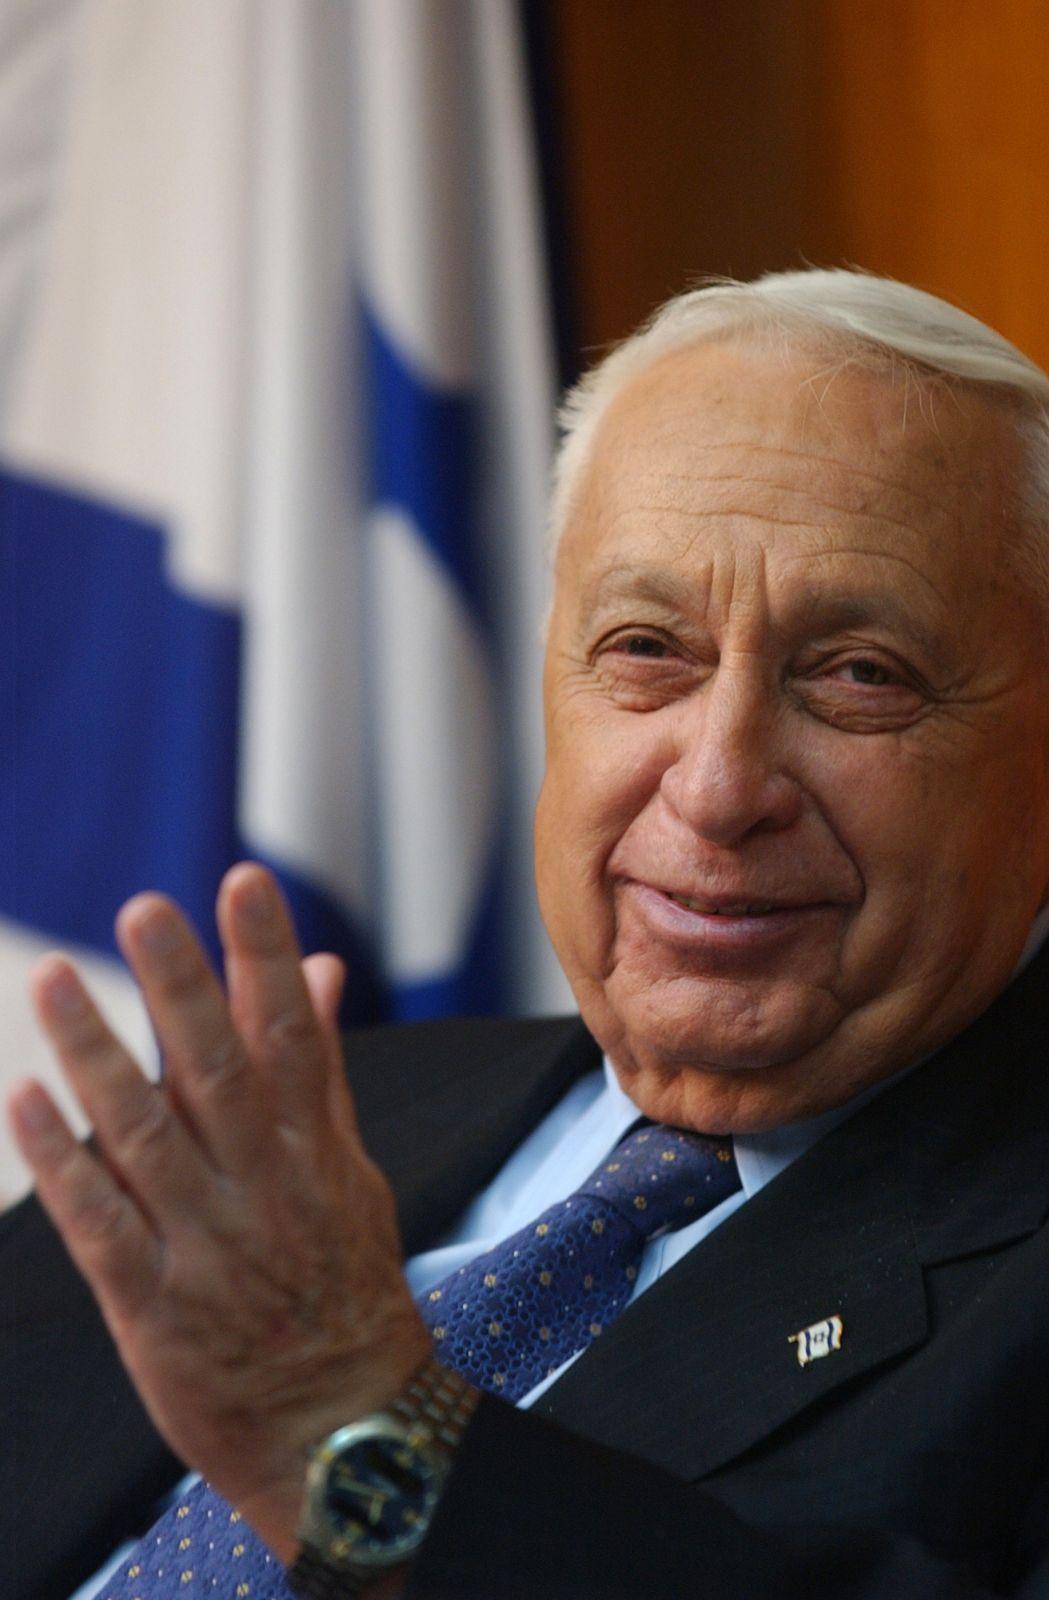 אריאל שרון, ראש הממשלה, 2004 (צילום: שרון פרי)